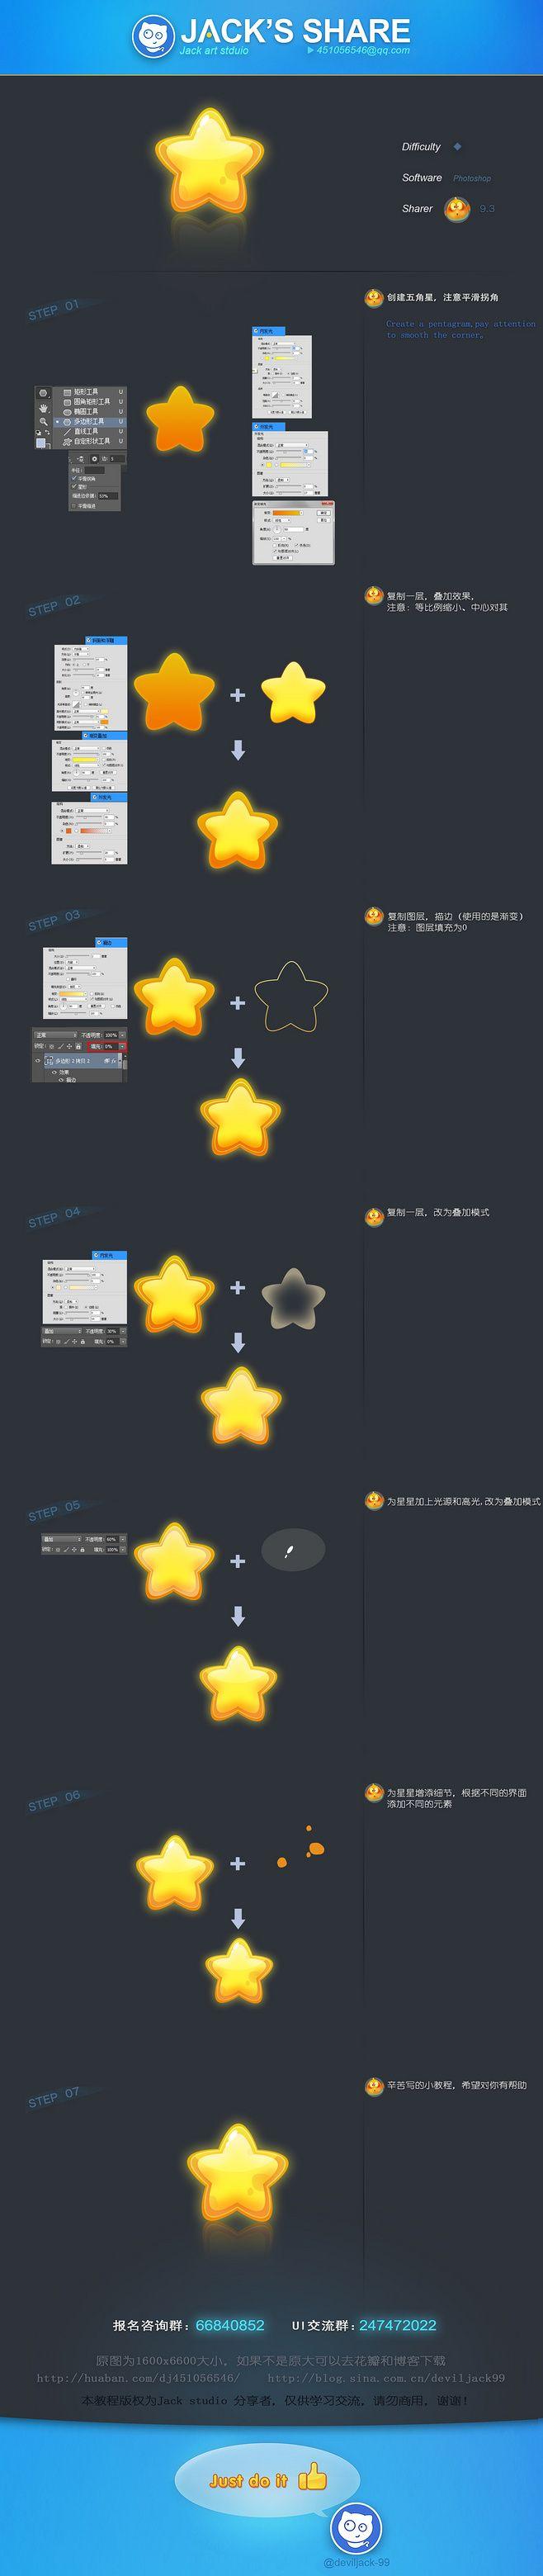 Jack工作室-游戏UI界面图标教程分享